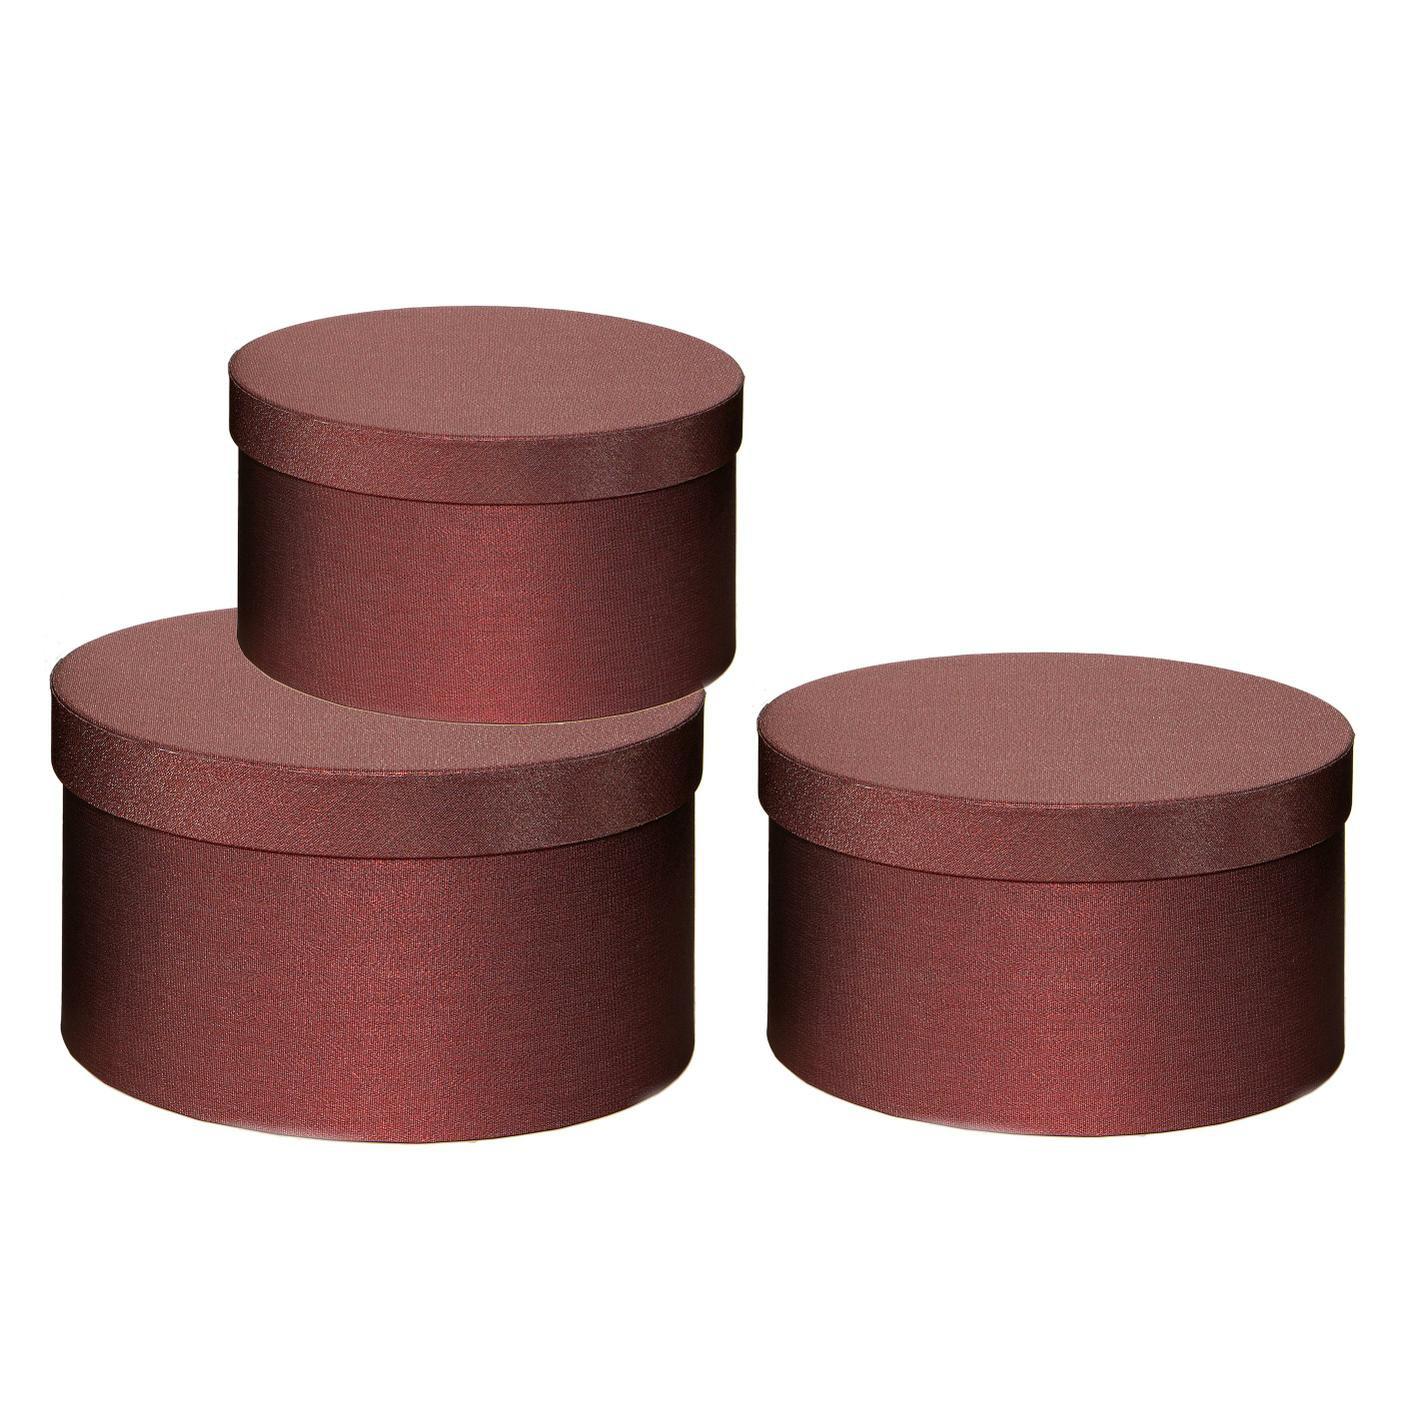 X363UN Set de 3 boîtes bordeaux D26cm H15cm